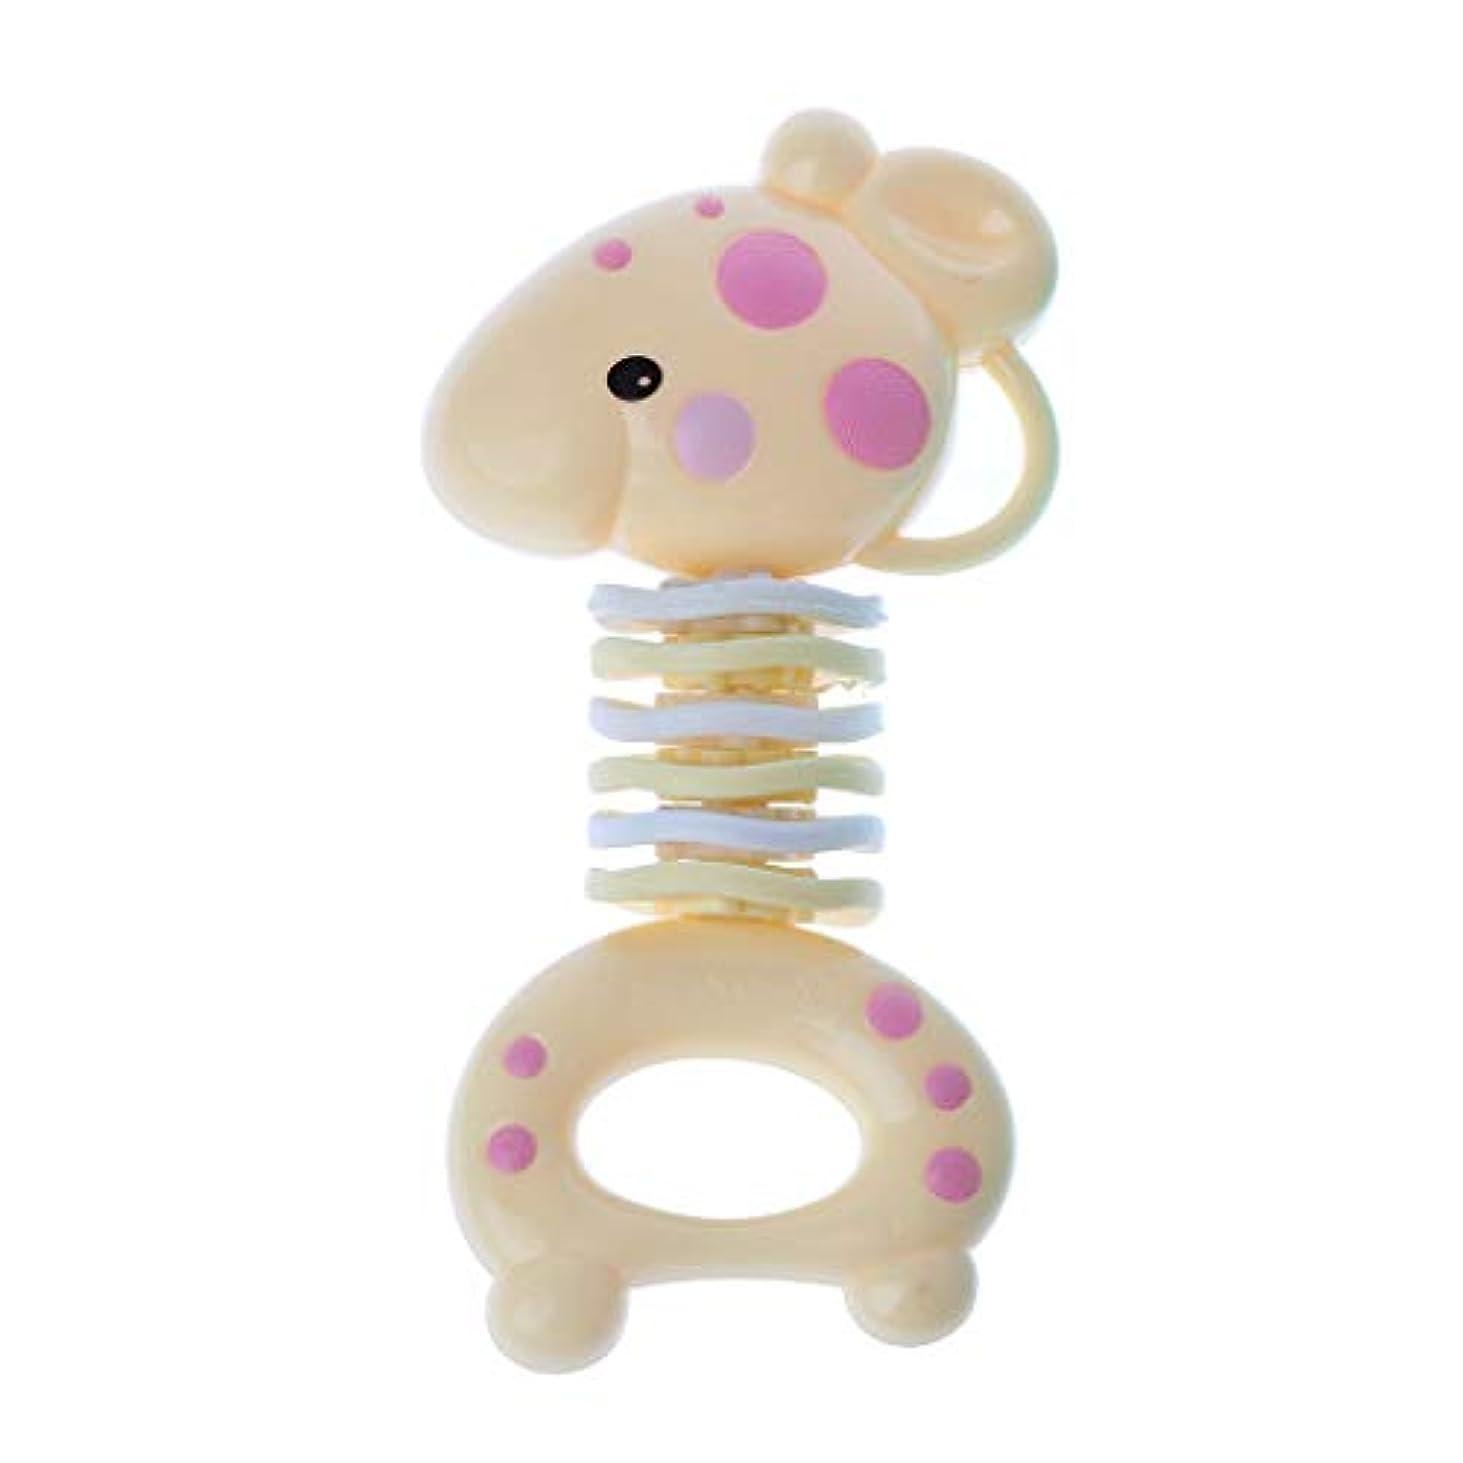 Landdumシリコーン歯が生える癒しのおもちゃ赤ちゃんのおしゃぶりスティック固体の歯の赤ちゃんのガラガラのおしゃぶり玩具グッタ臼歯バーベル - カニ